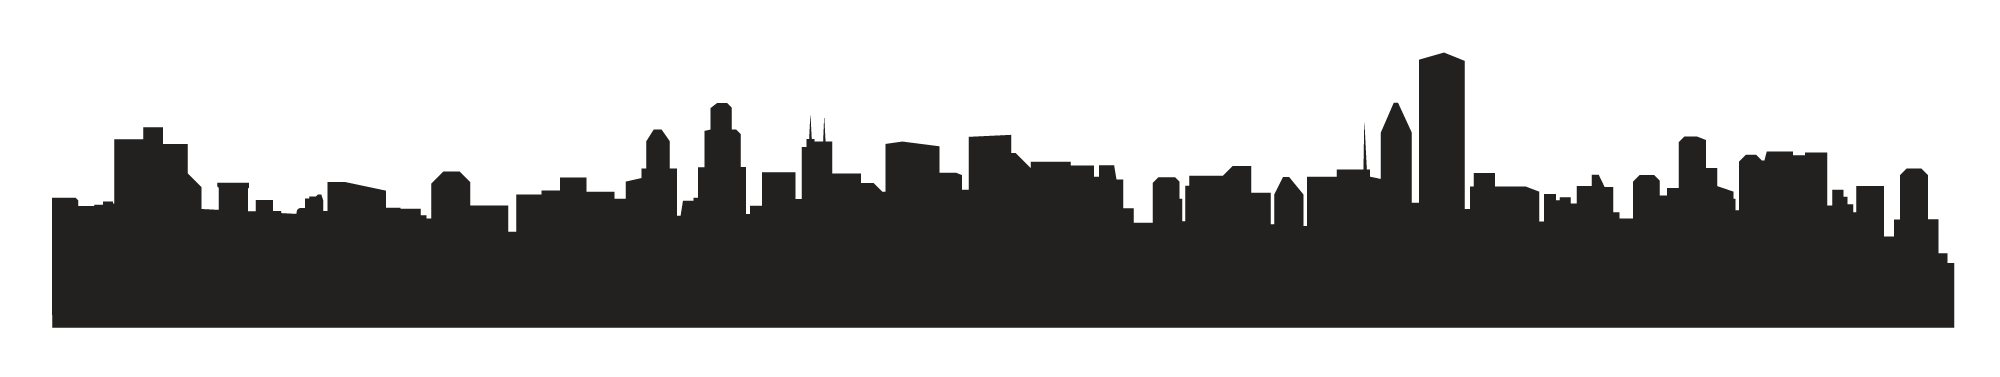 2000x377 City Skyline Clipart